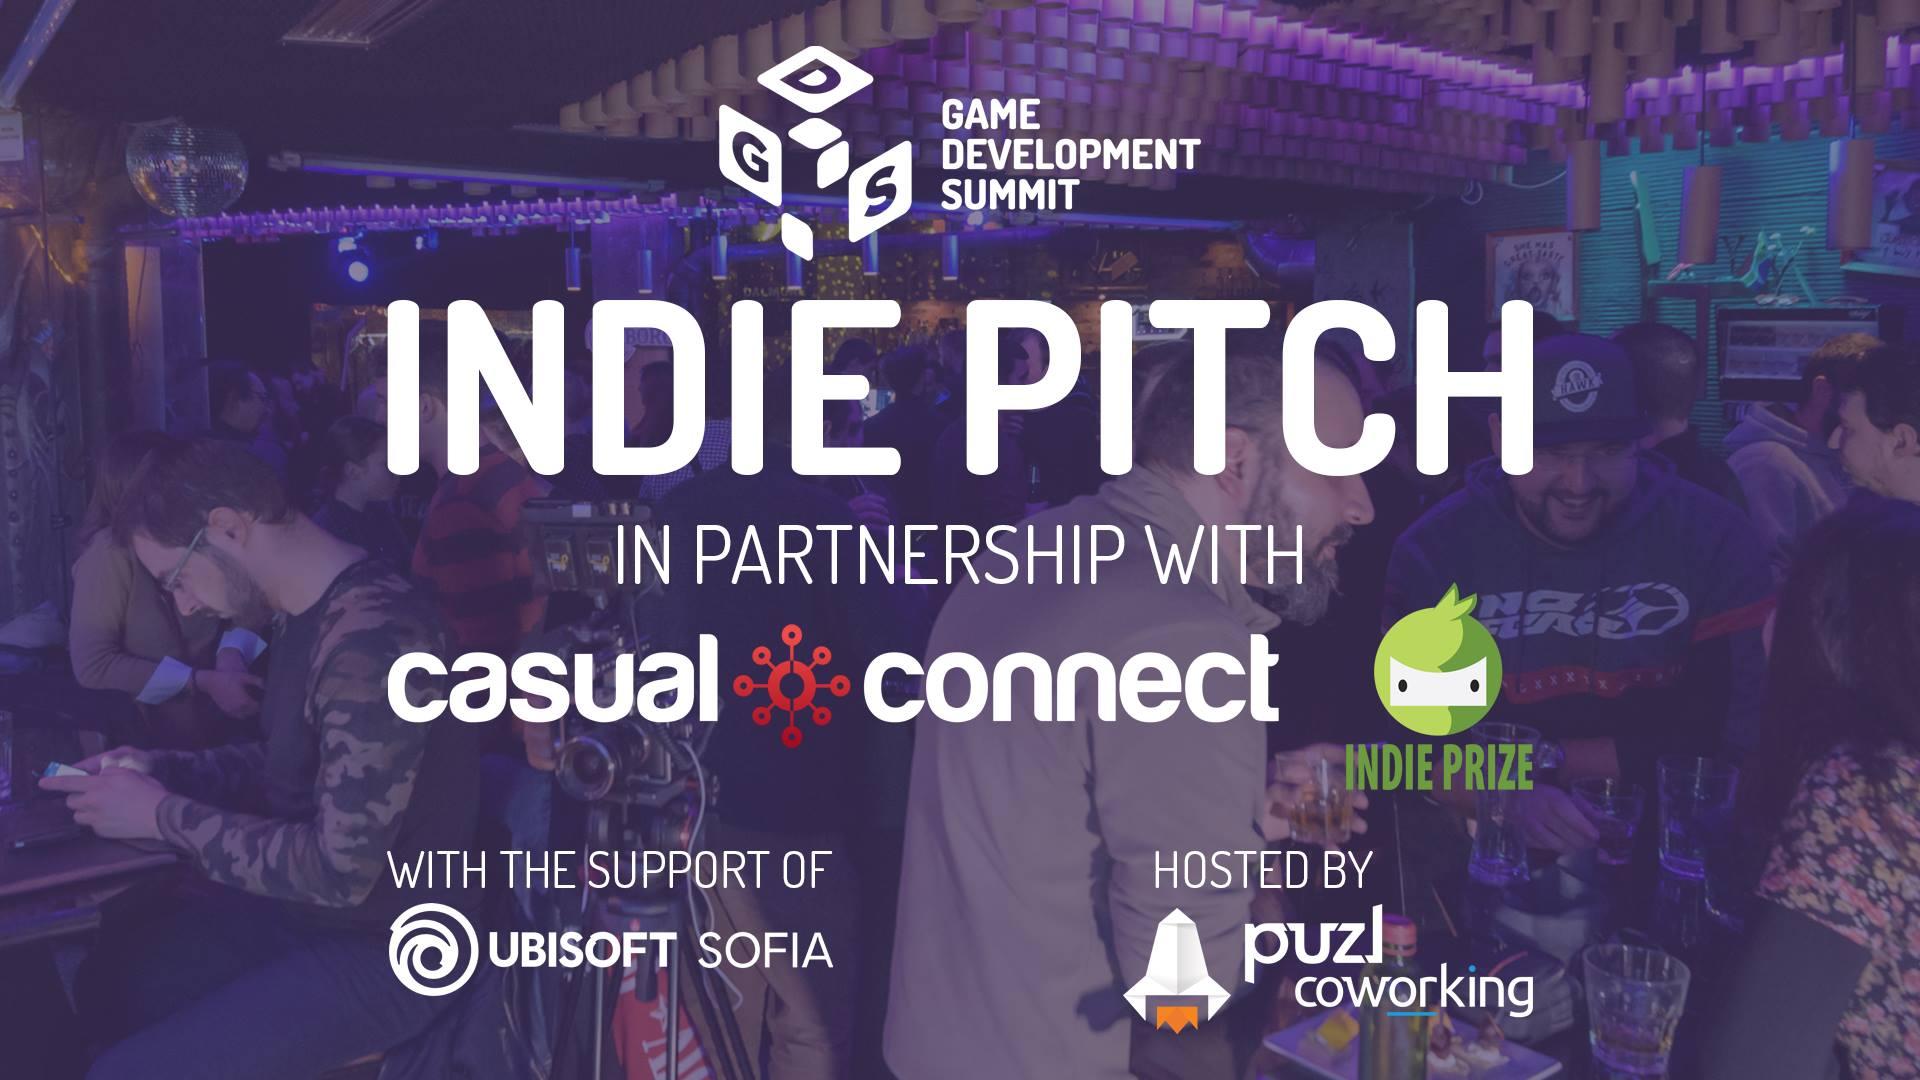 Първото издание на състезанието за независими разработчици на видео игри